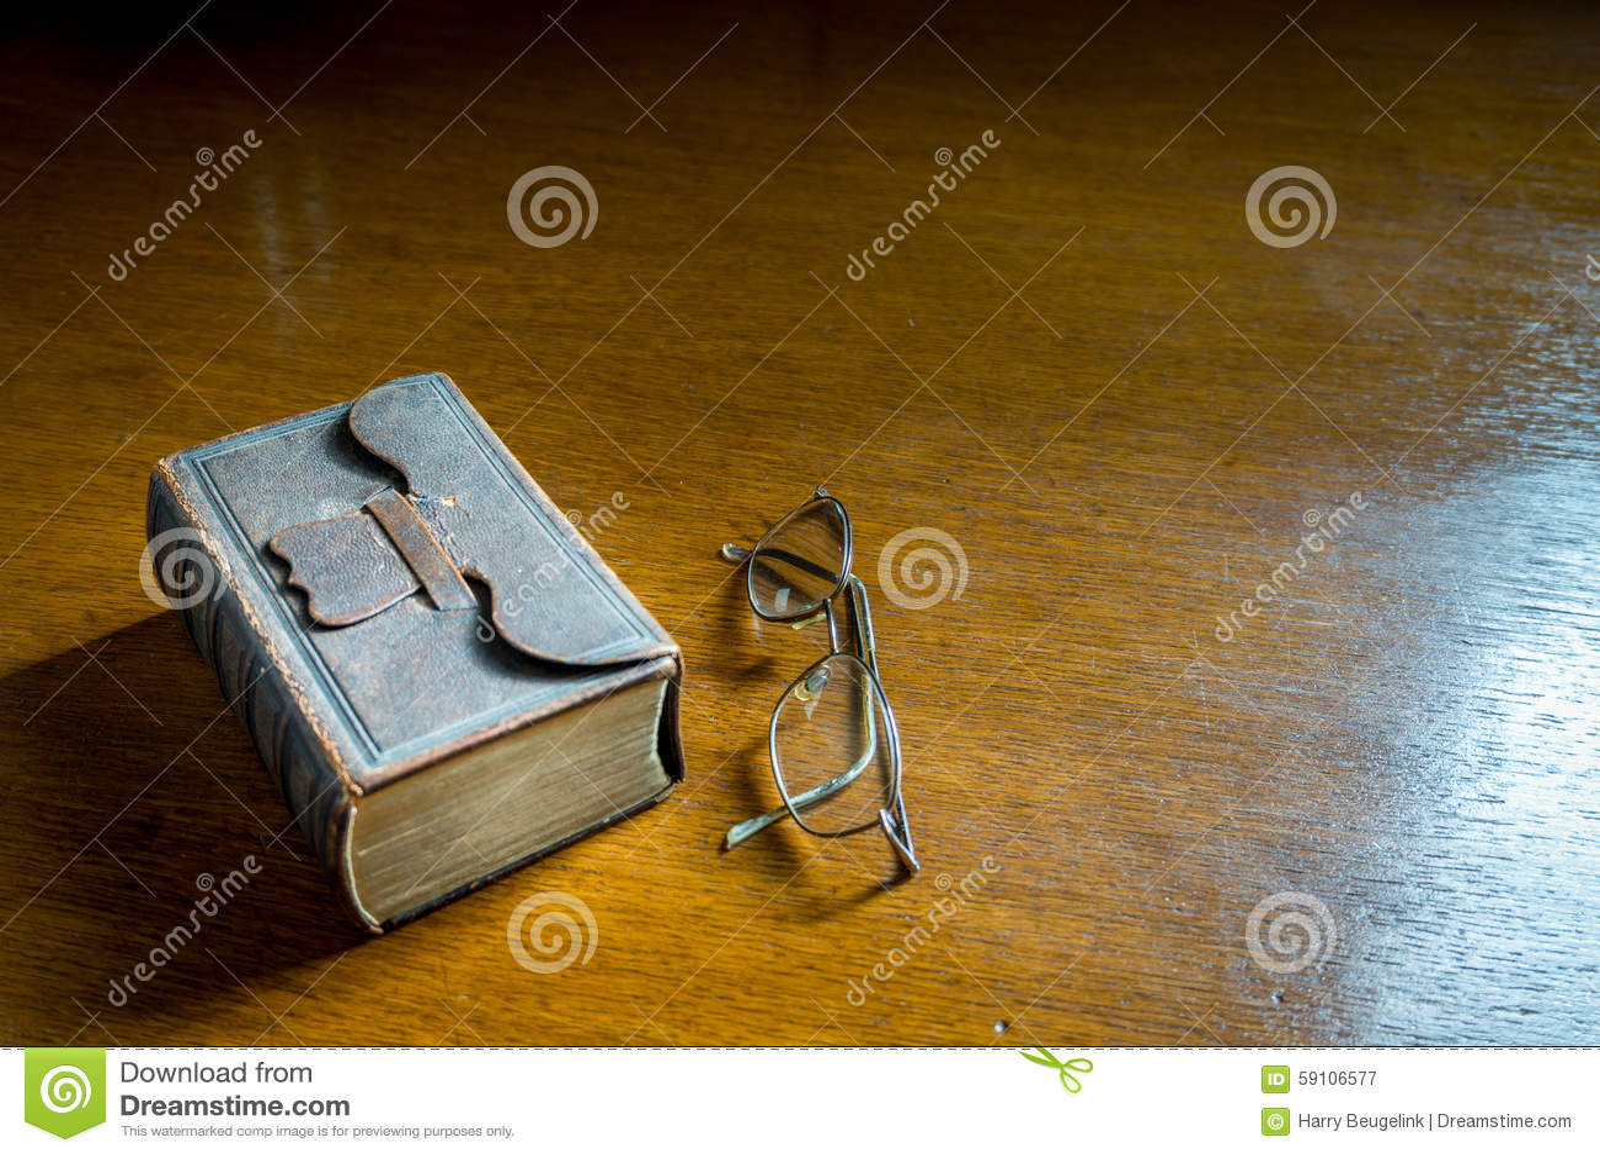 闭合的古色古香的圣经歌集